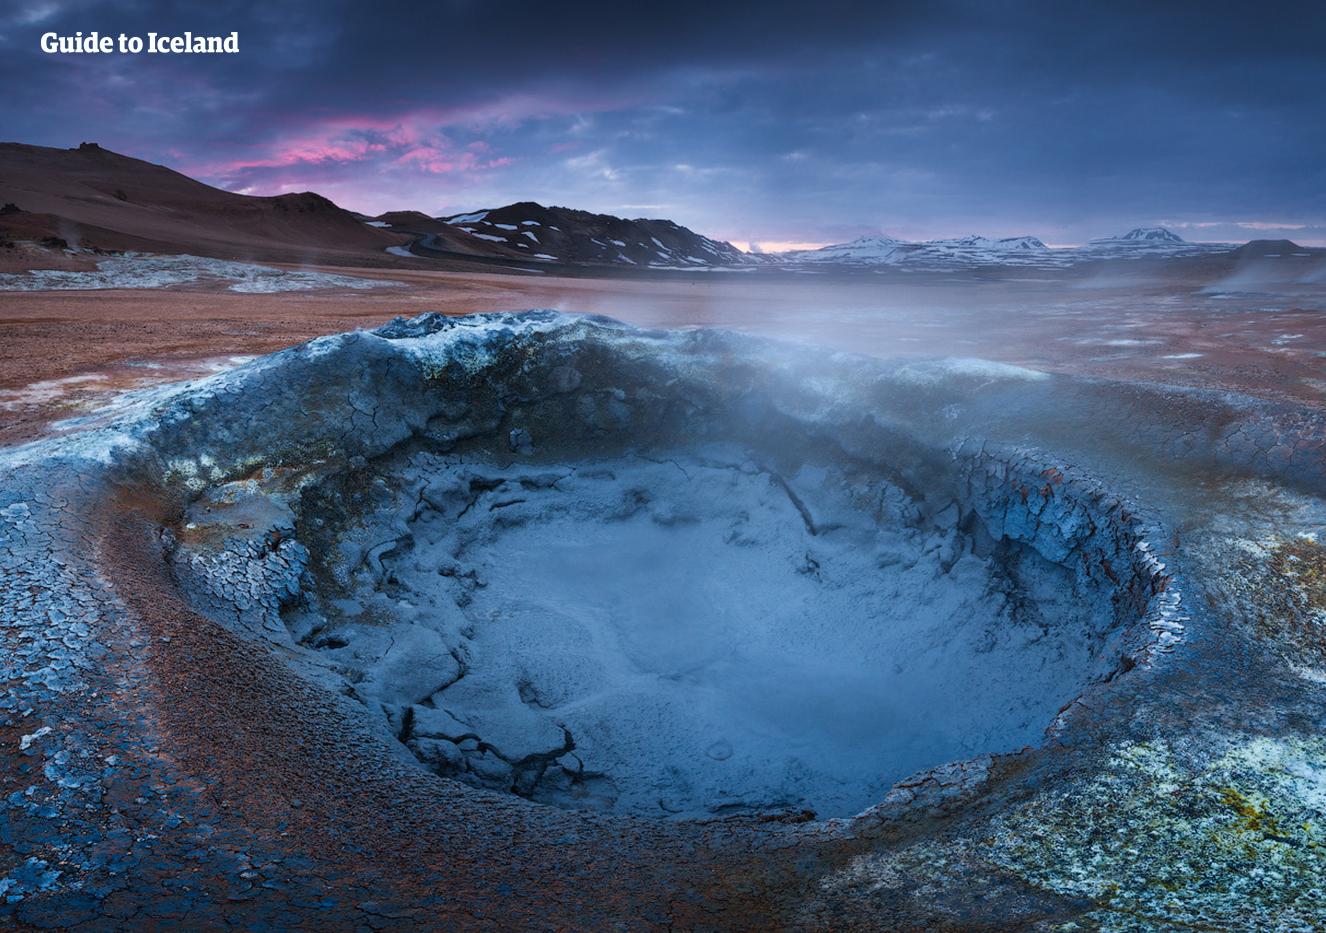 Las piscinas de lodo, los respiraderos y las aguas termales en el área geotérmica Hveravellir del norte de Islandia llenan el aire con humo sulfúrico.